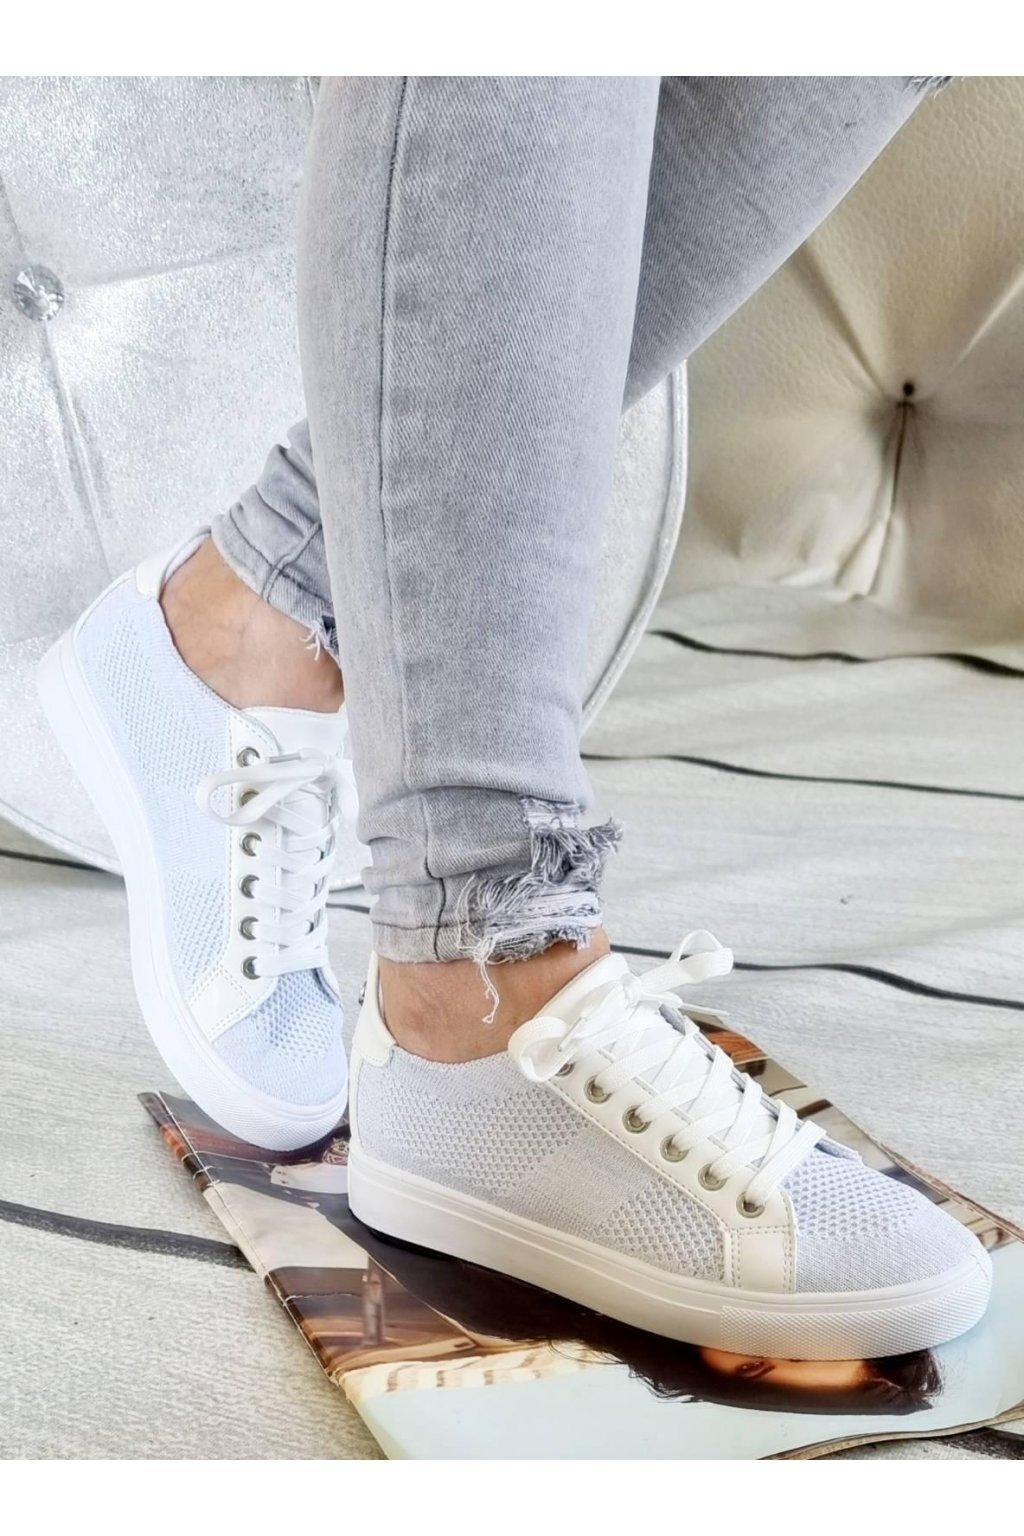 tenisky SENDY bílé plátěné trendy